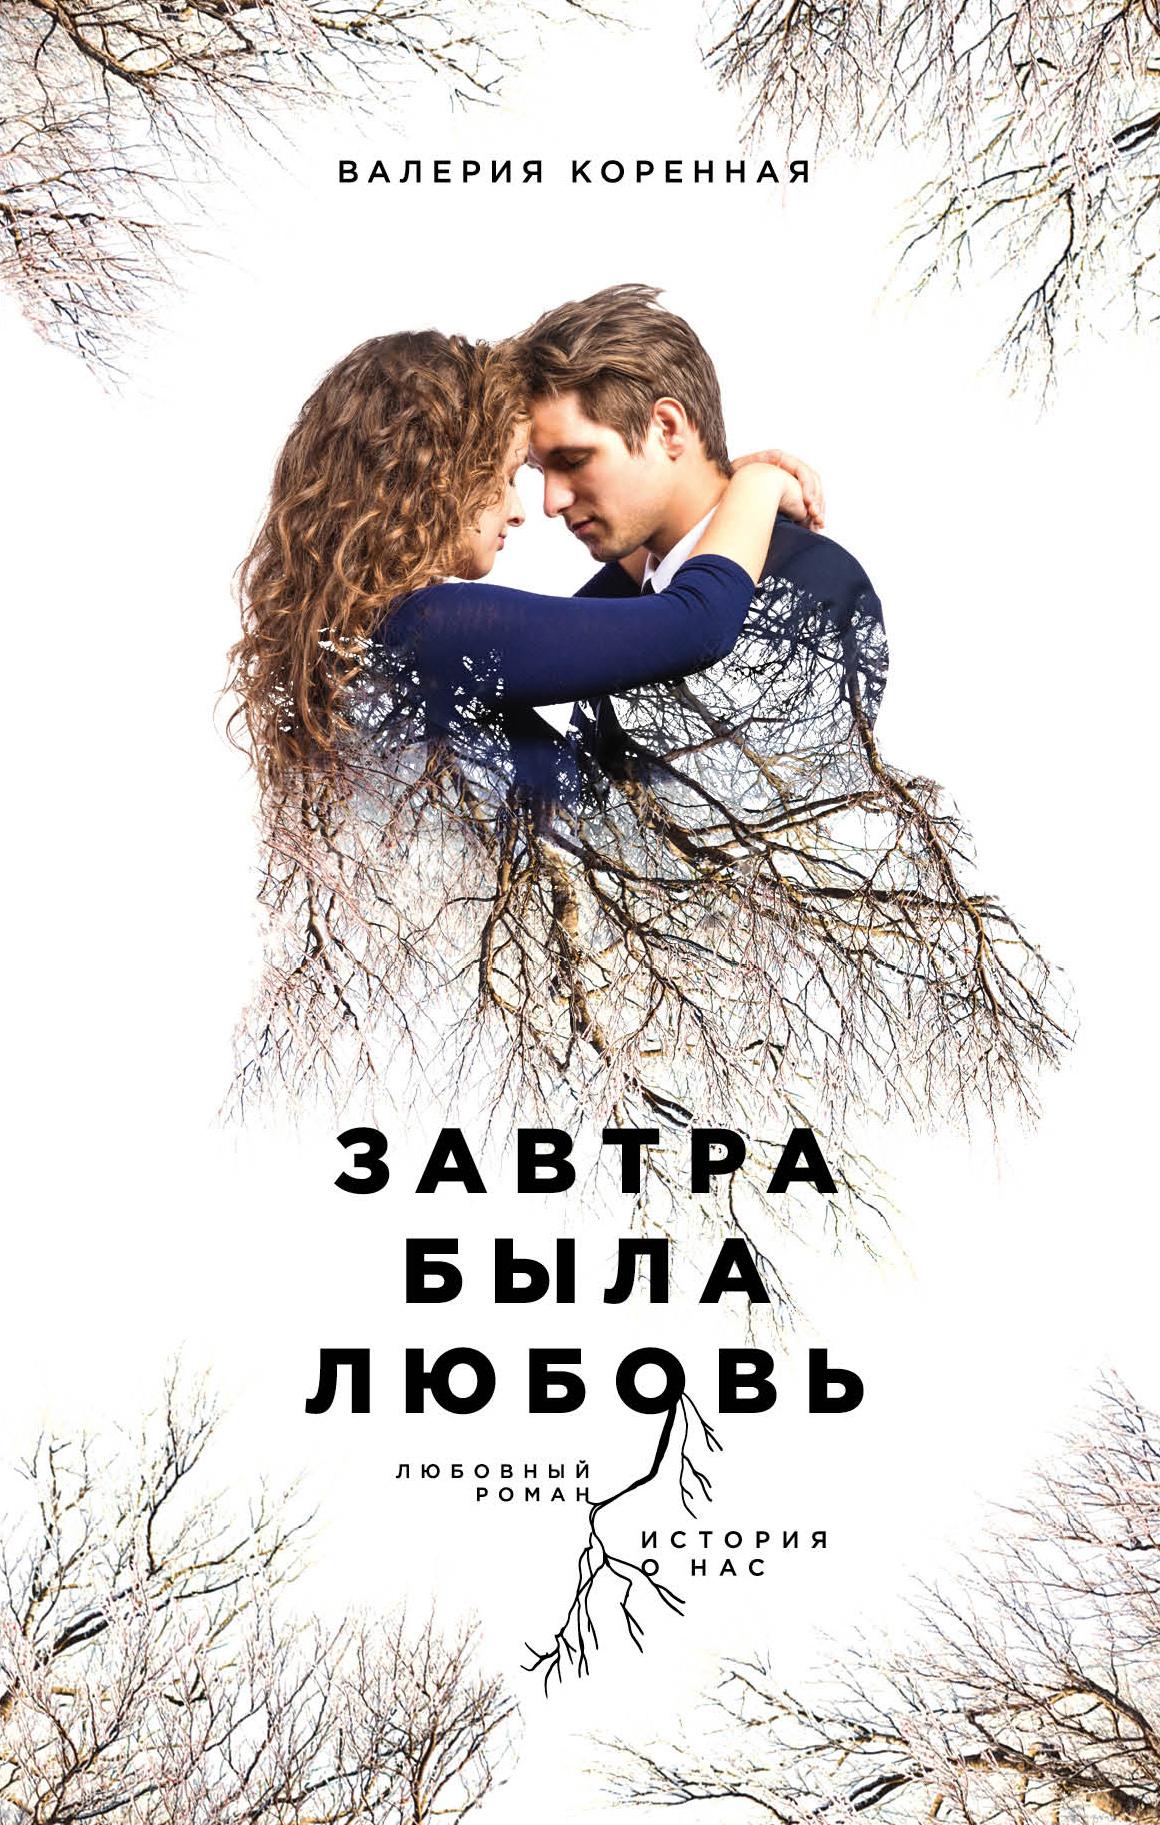 Коренная Валерия Завтра была любовь радзинский э с а существует ли любовь спрашивают пожарники